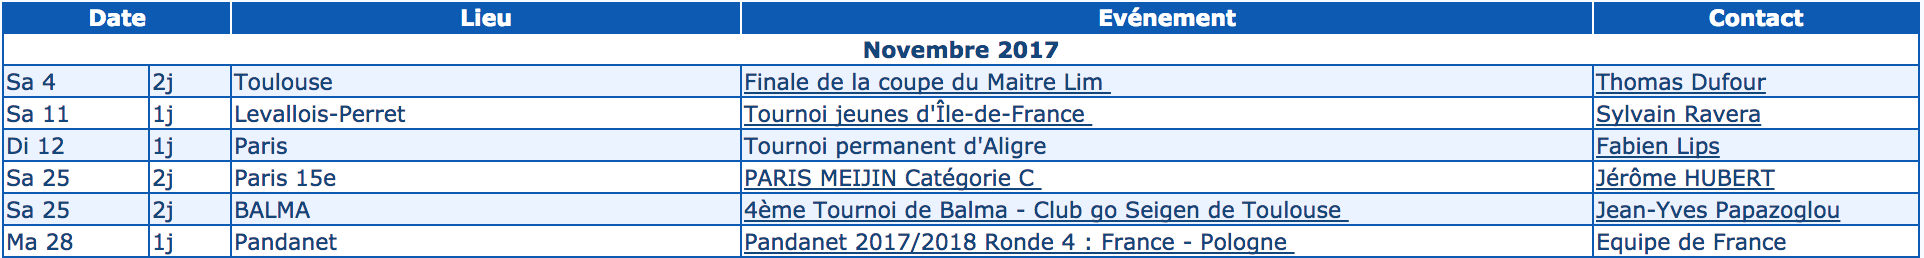 calendrier-FFG-novembre-2017